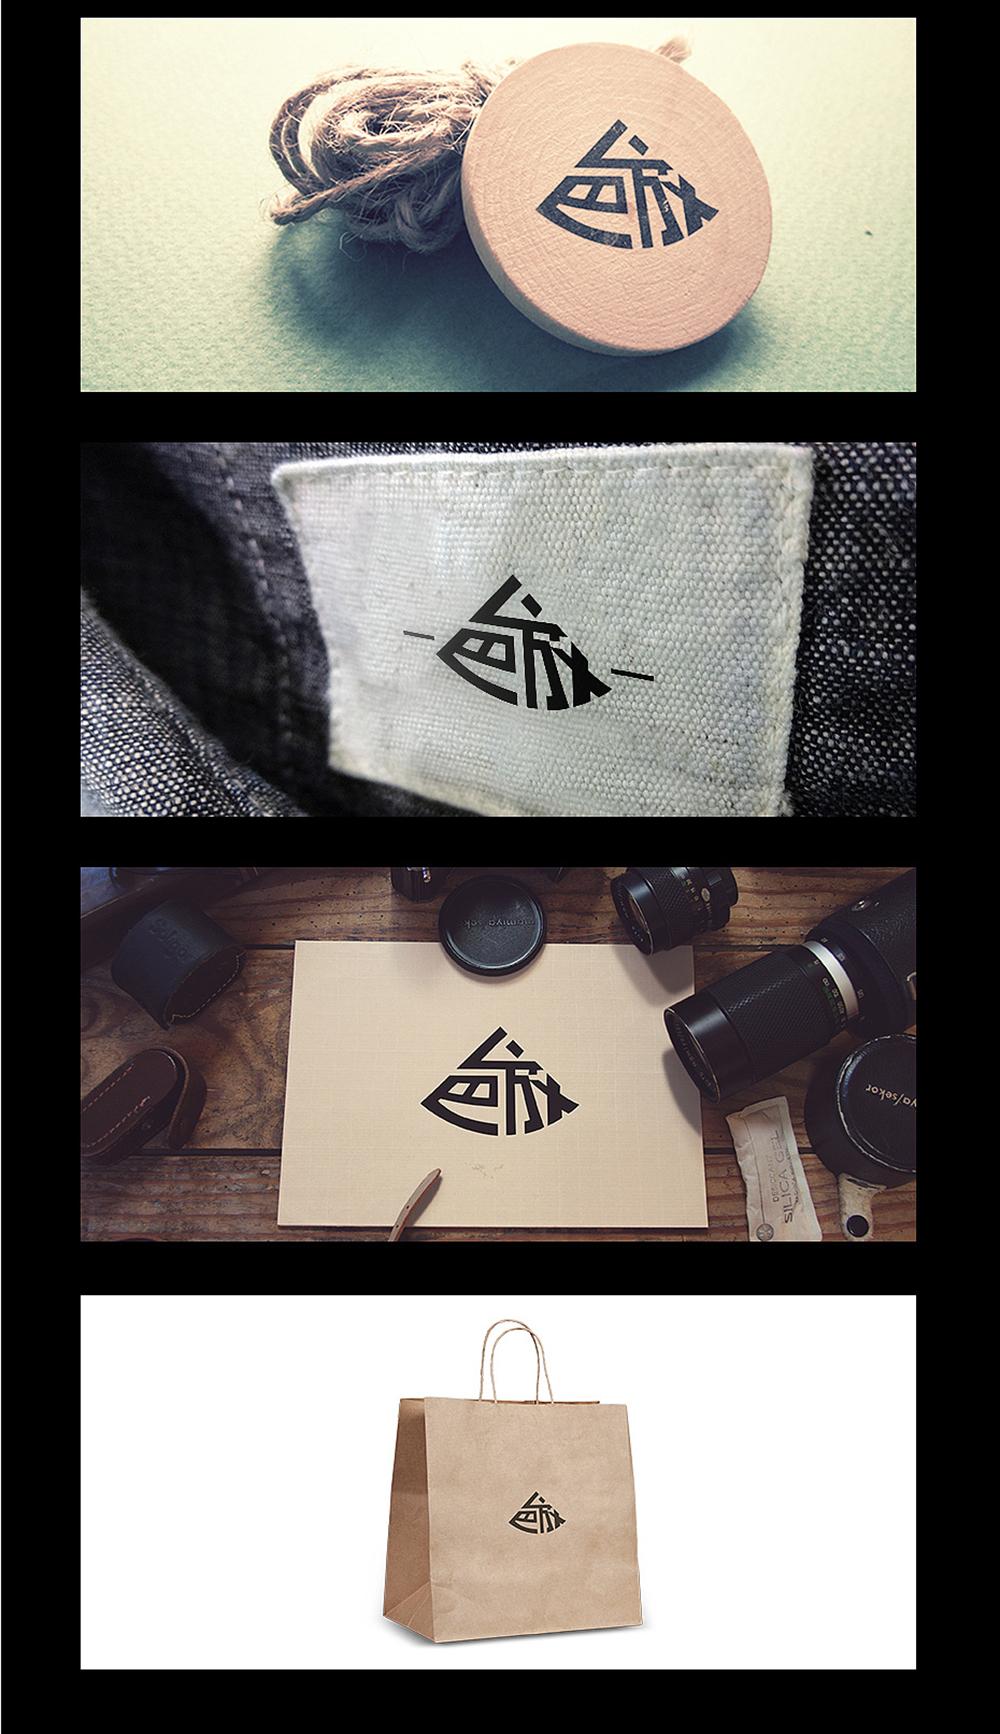 服装LOGO设计,服装LOGO 设计公司